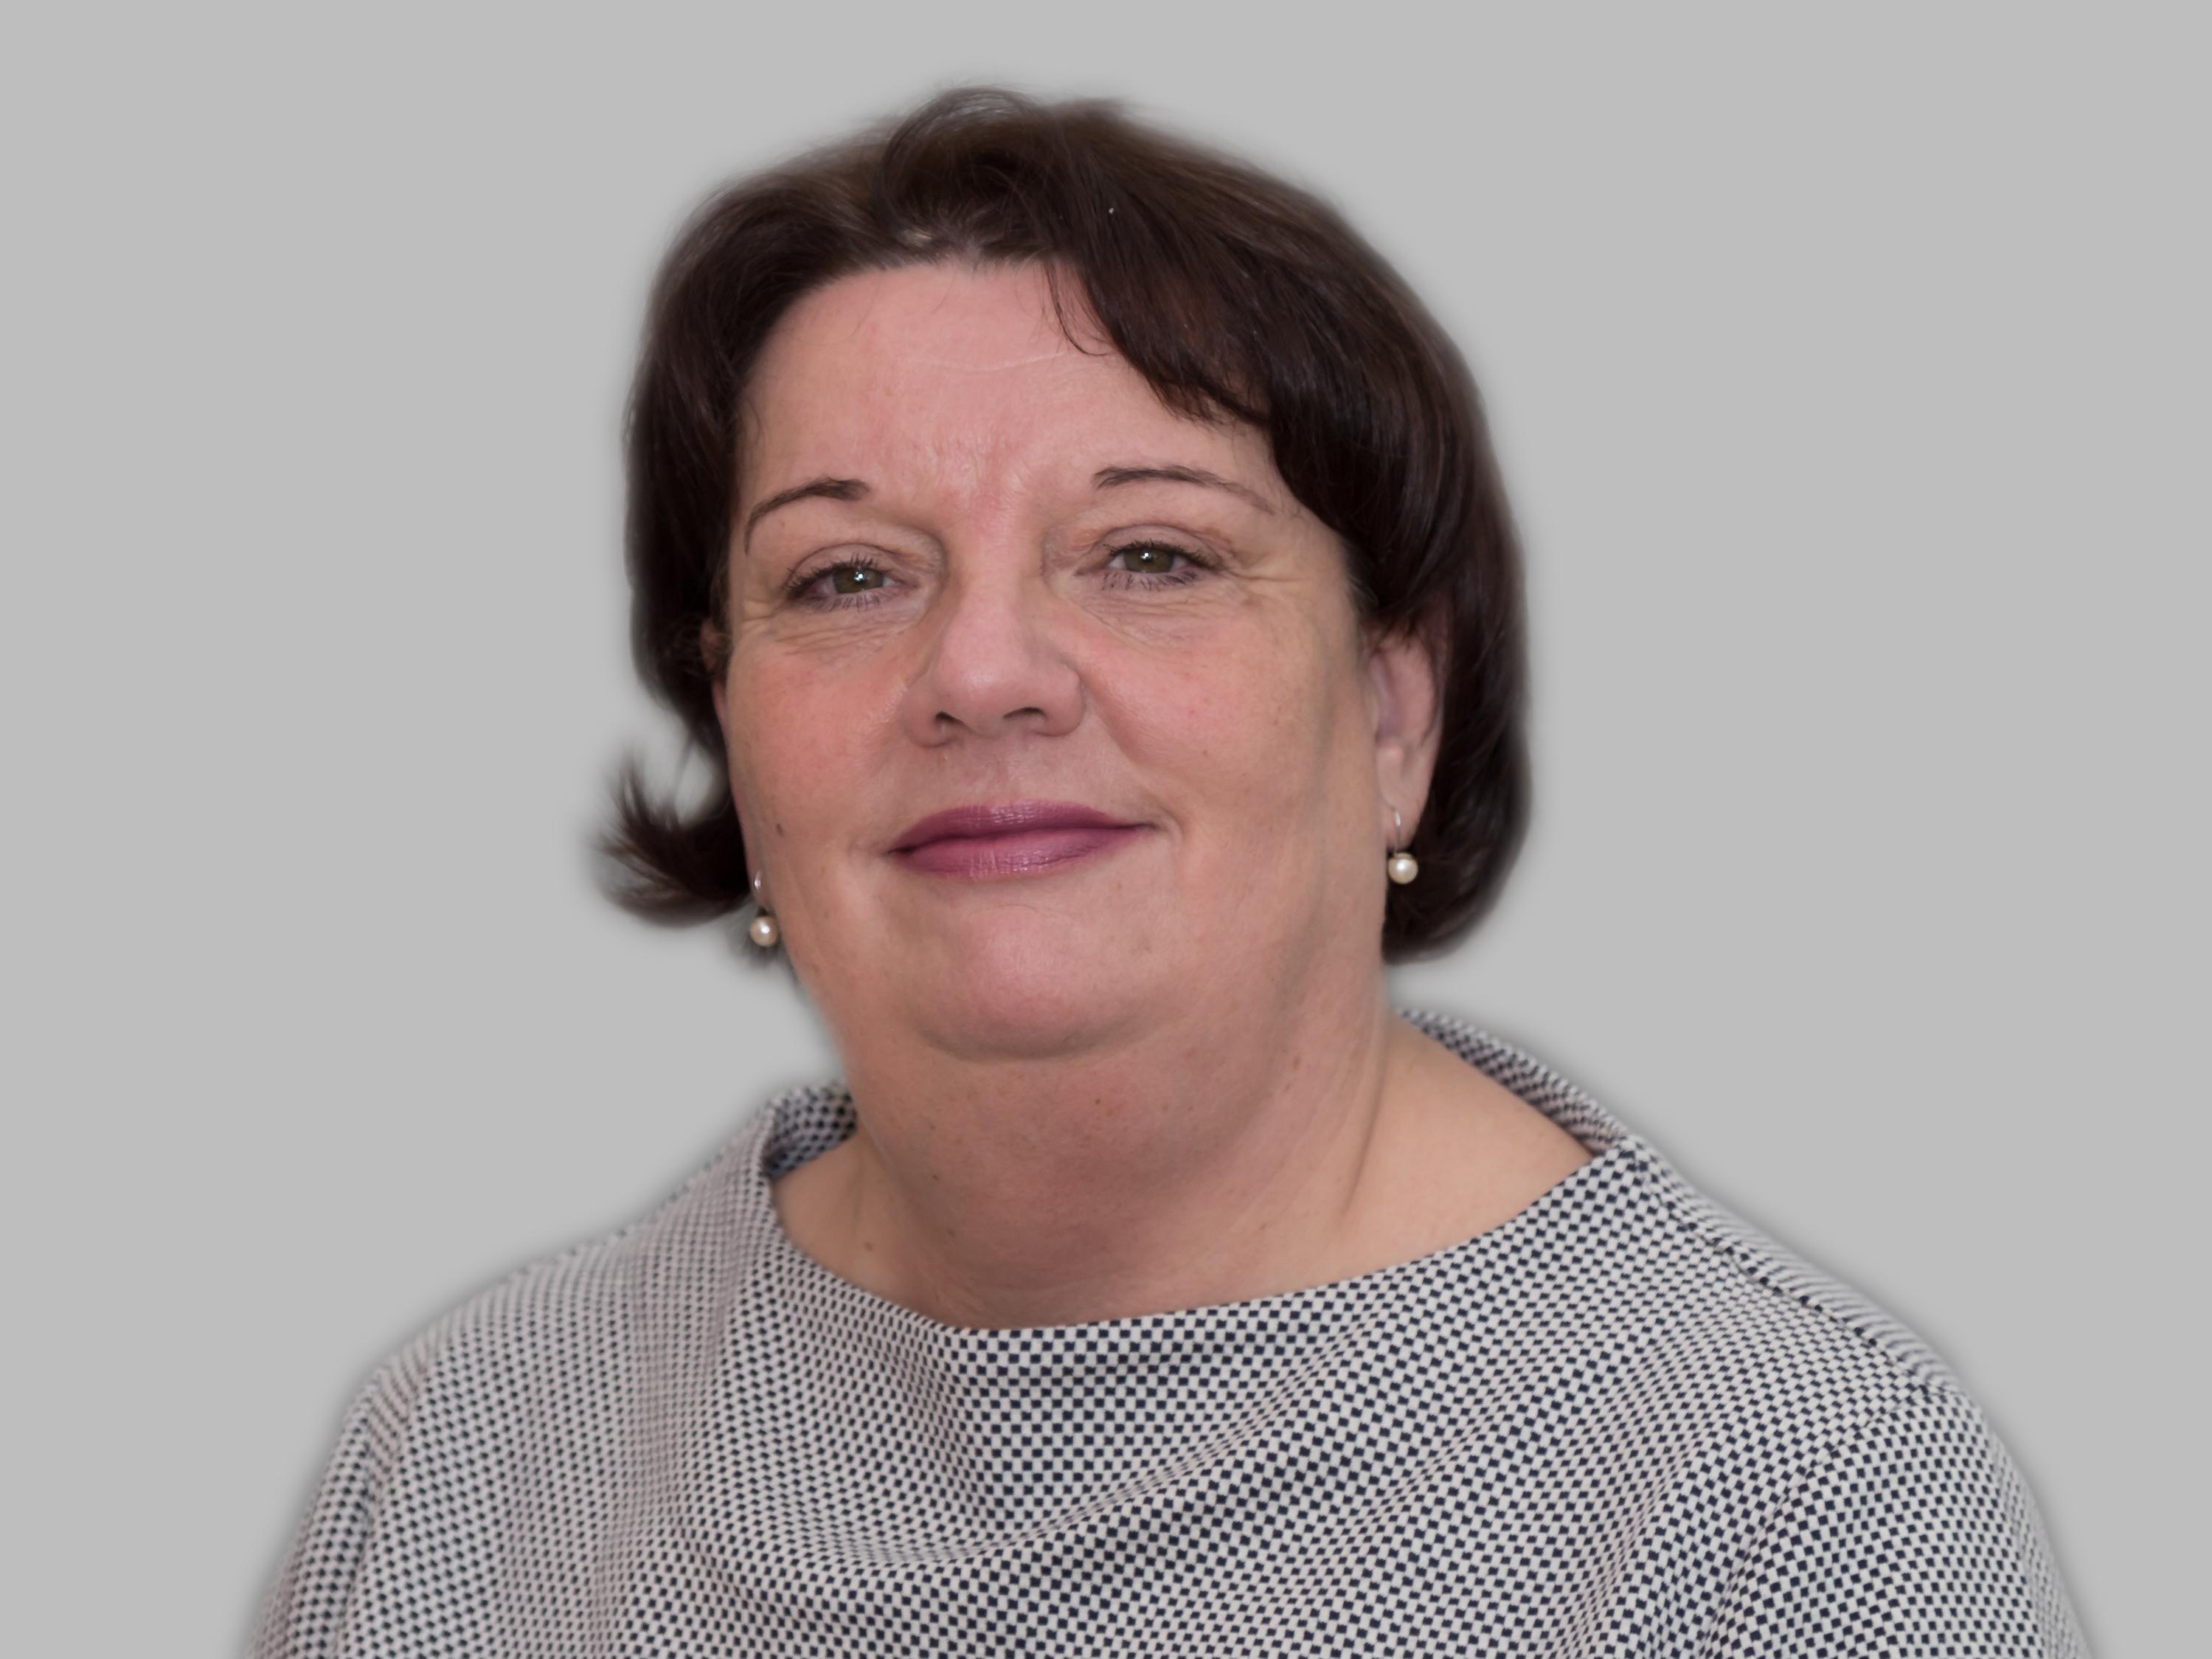 Marion Sommerfeld